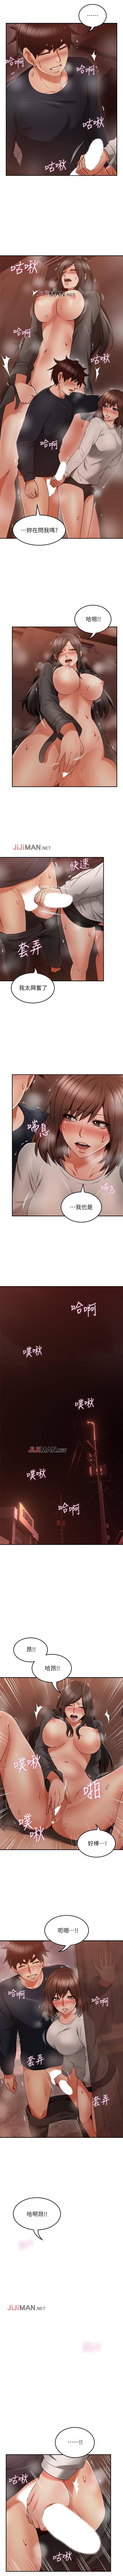 【周六更新】邻居人妻(作者:李周元 & 頸枕) 第1~50话 283